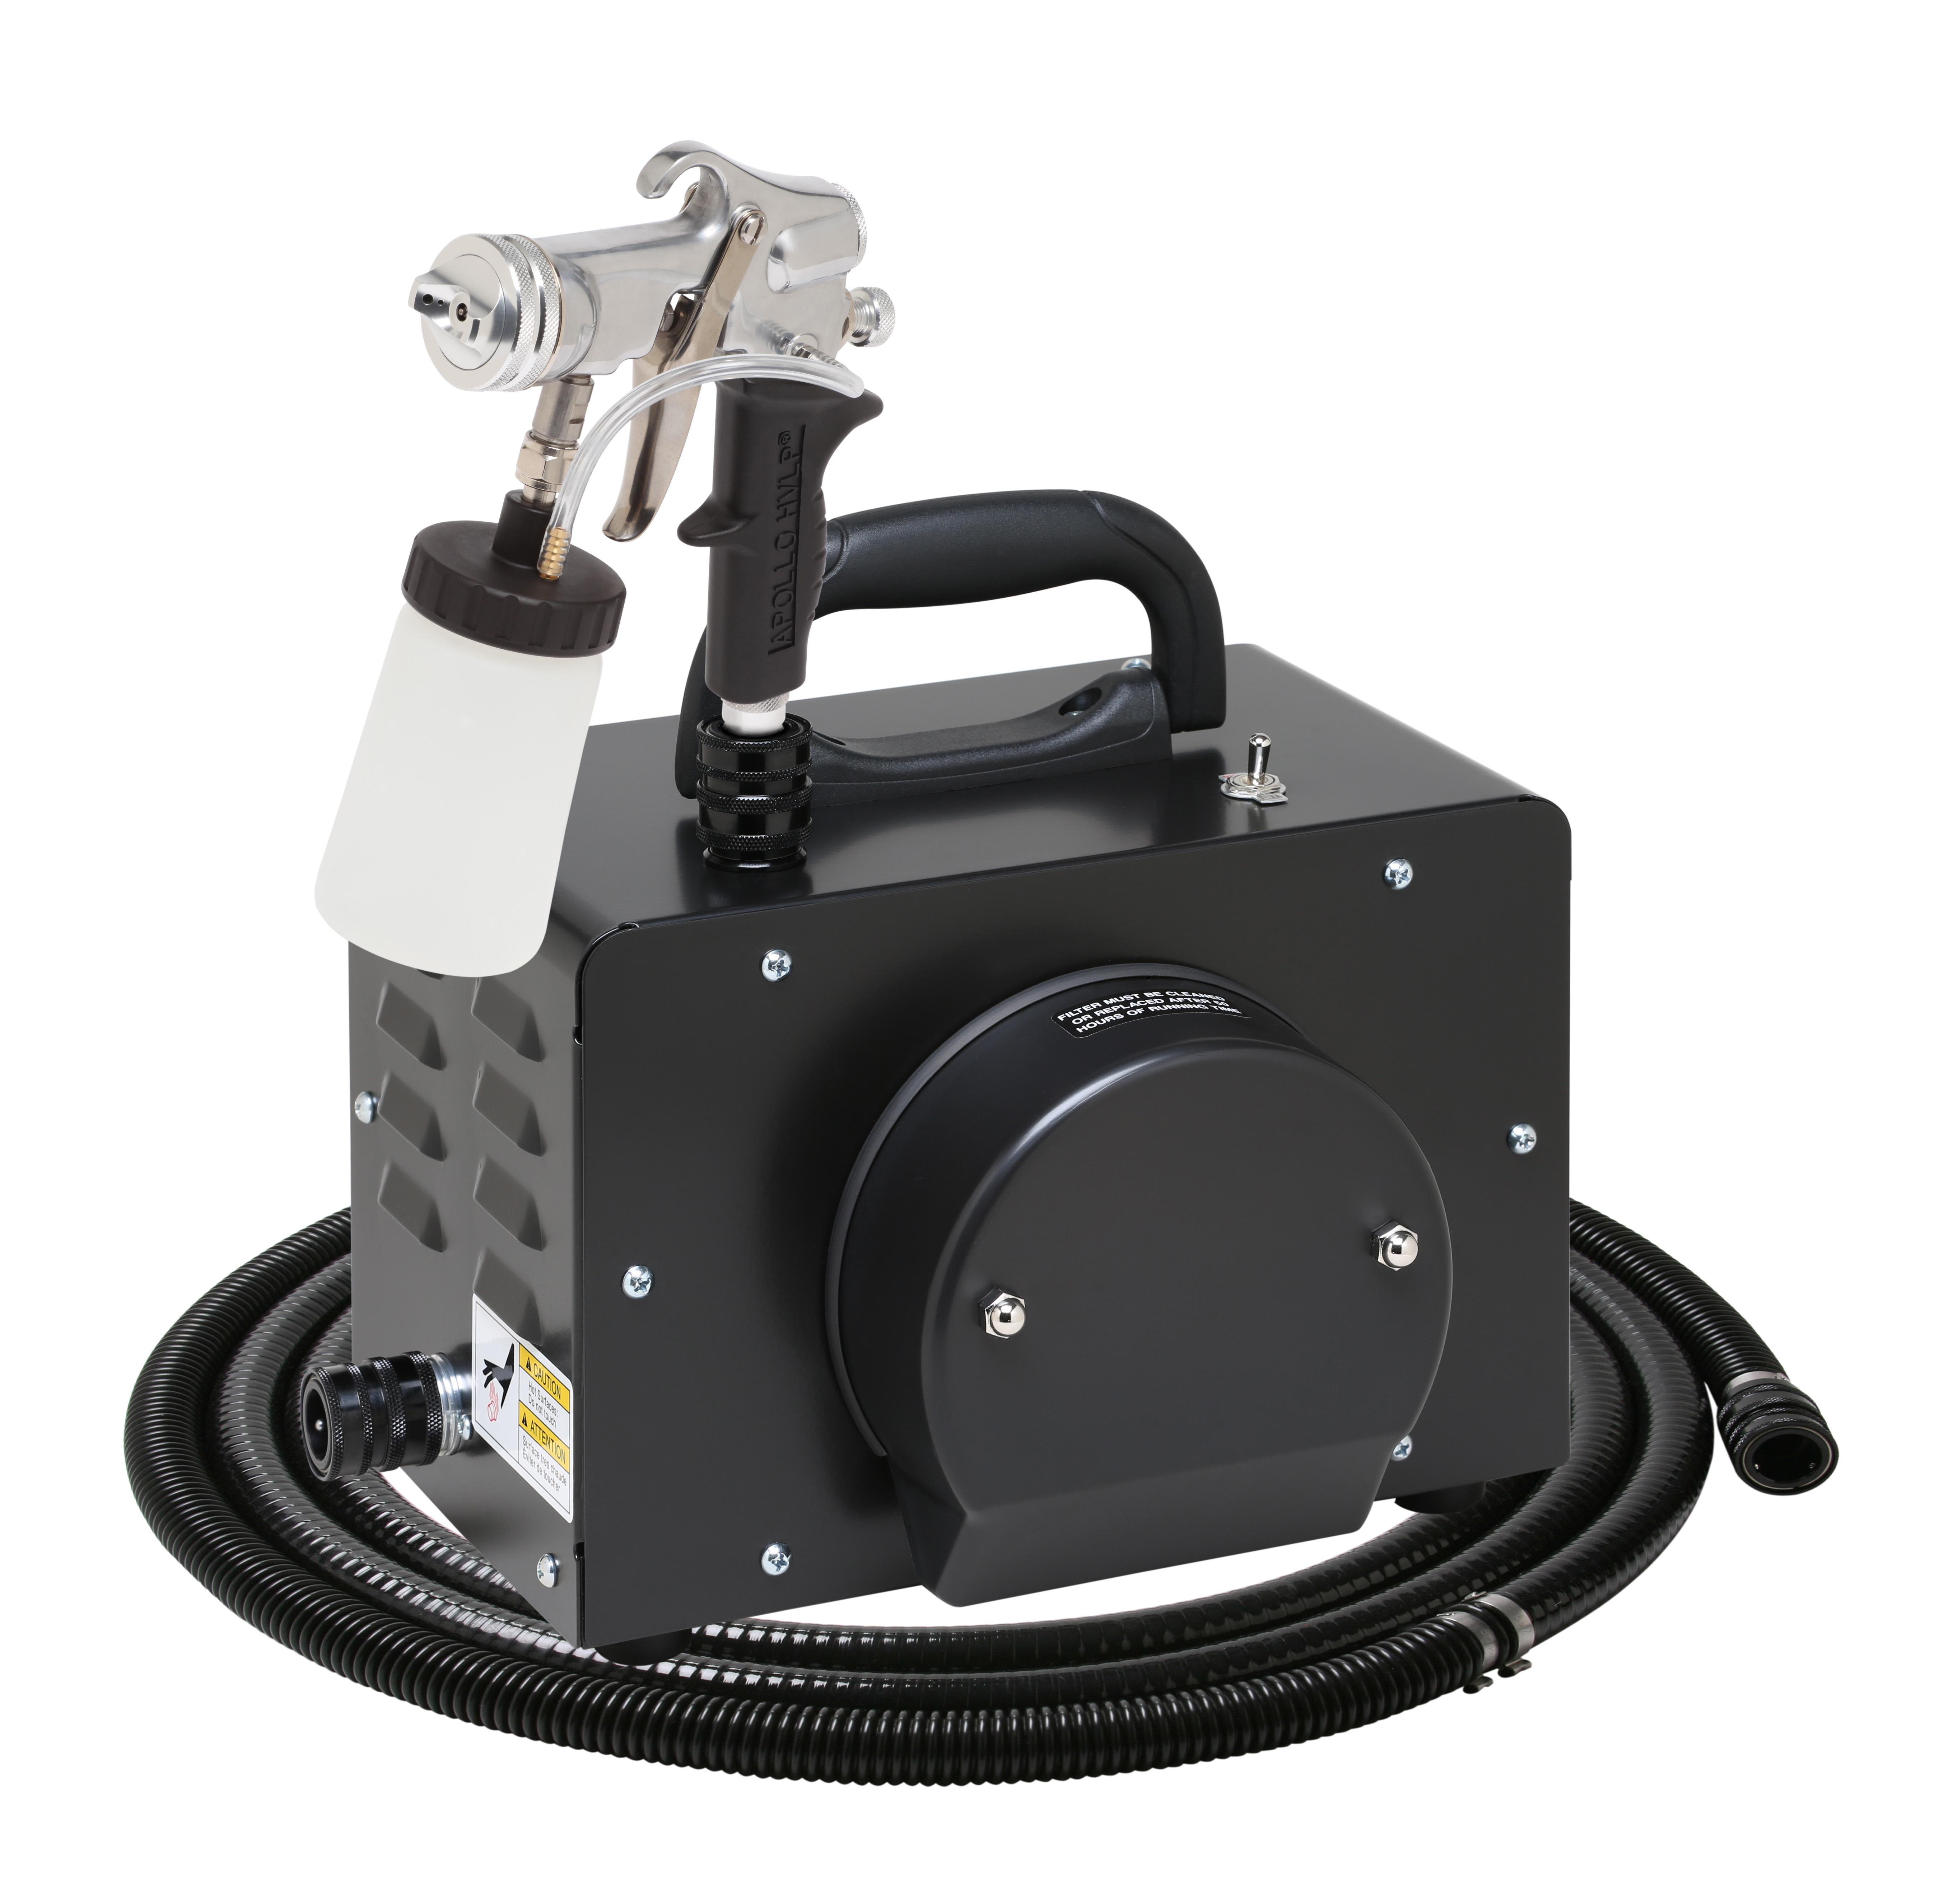 pro mist spray tanning machine handheld